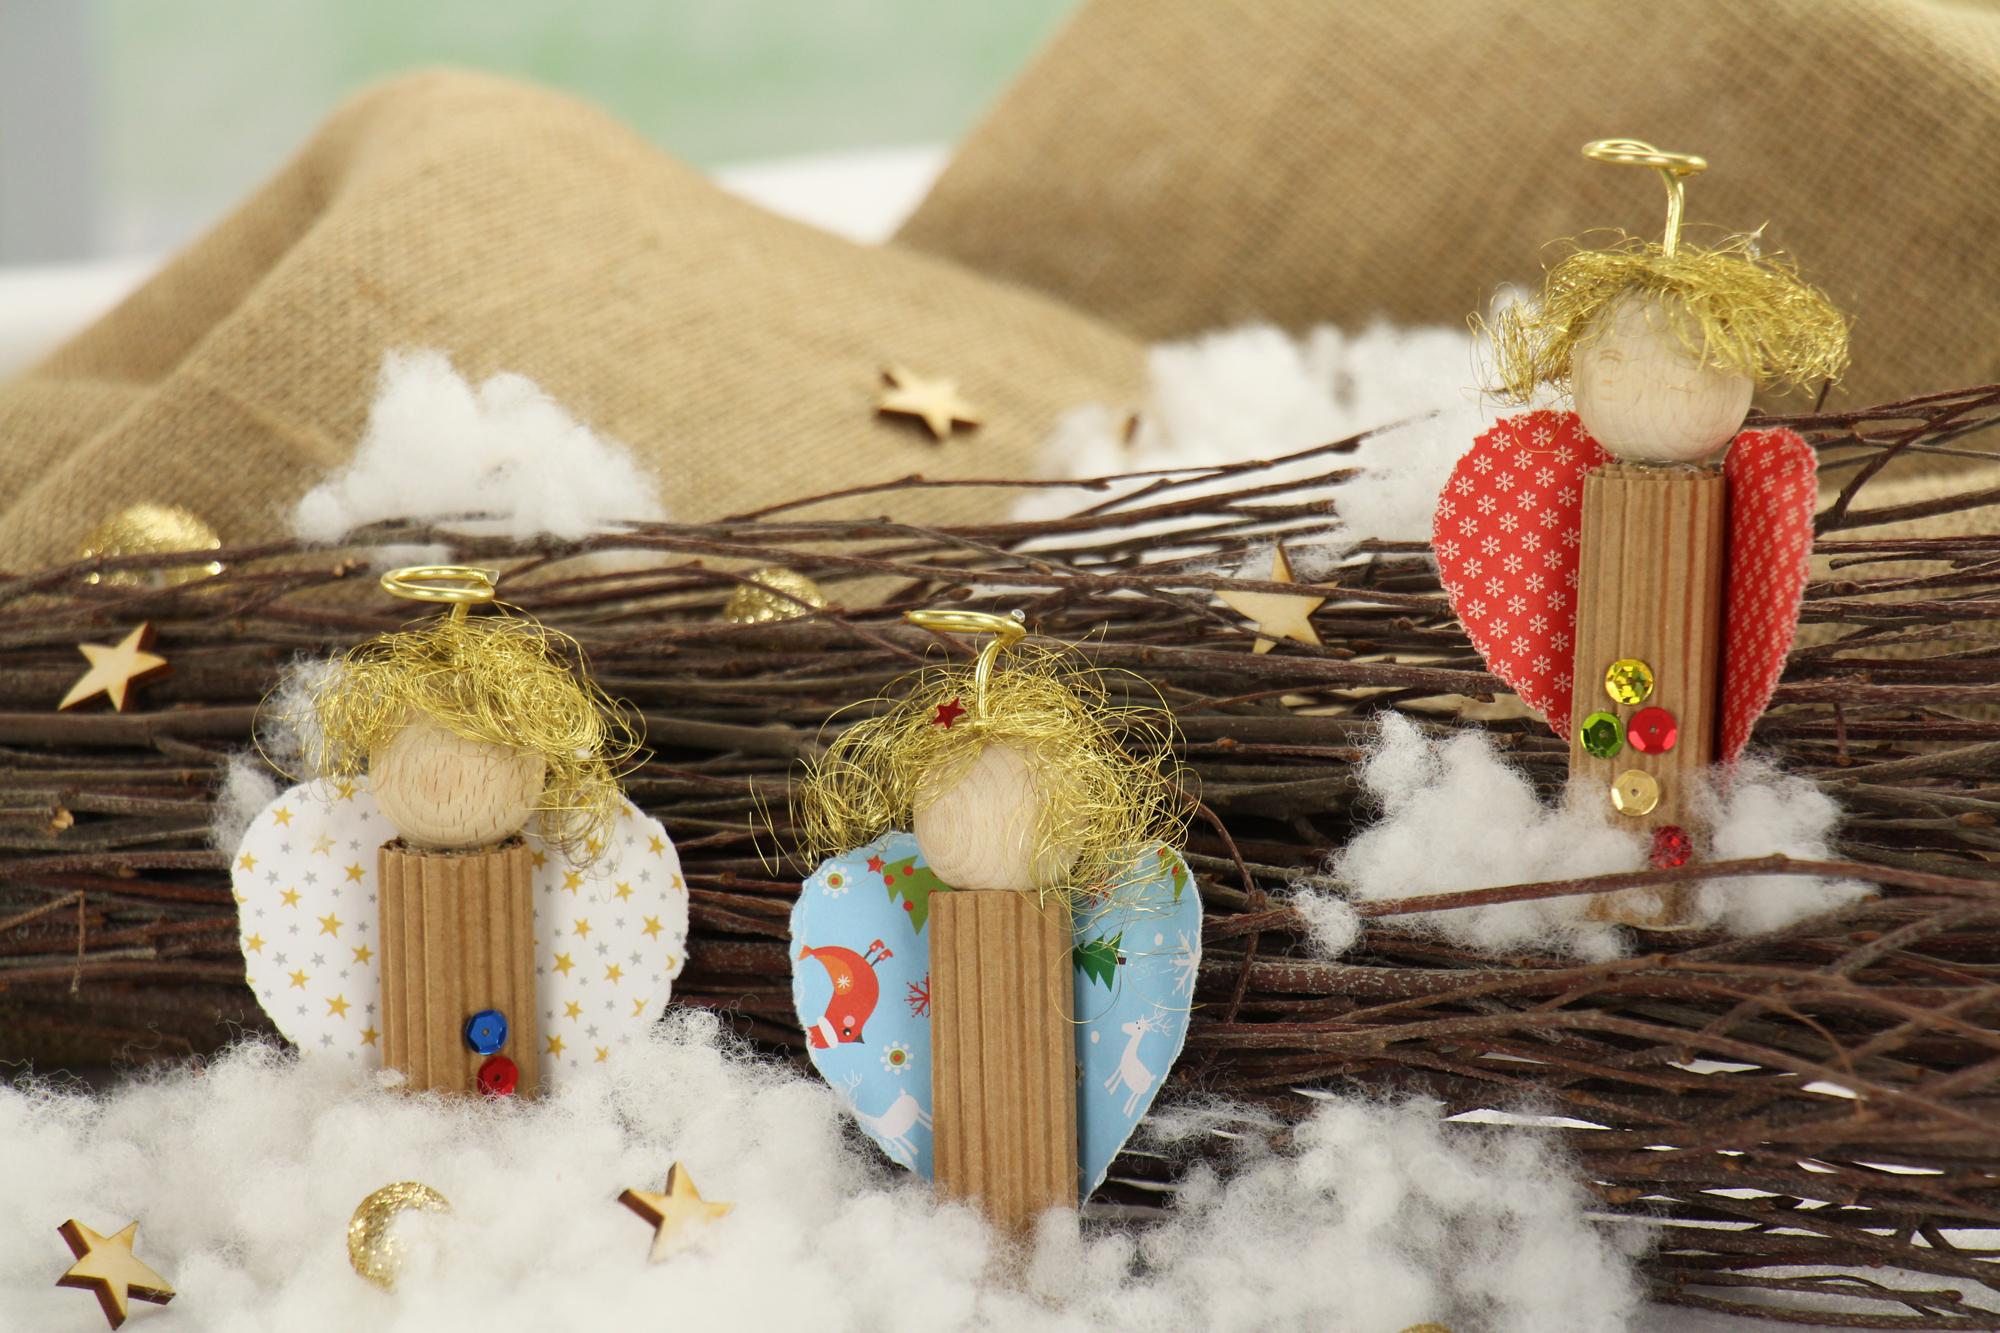 weihnachtsgeschenke basteln ideen engelchen deko. Black Bedroom Furniture Sets. Home Design Ideas